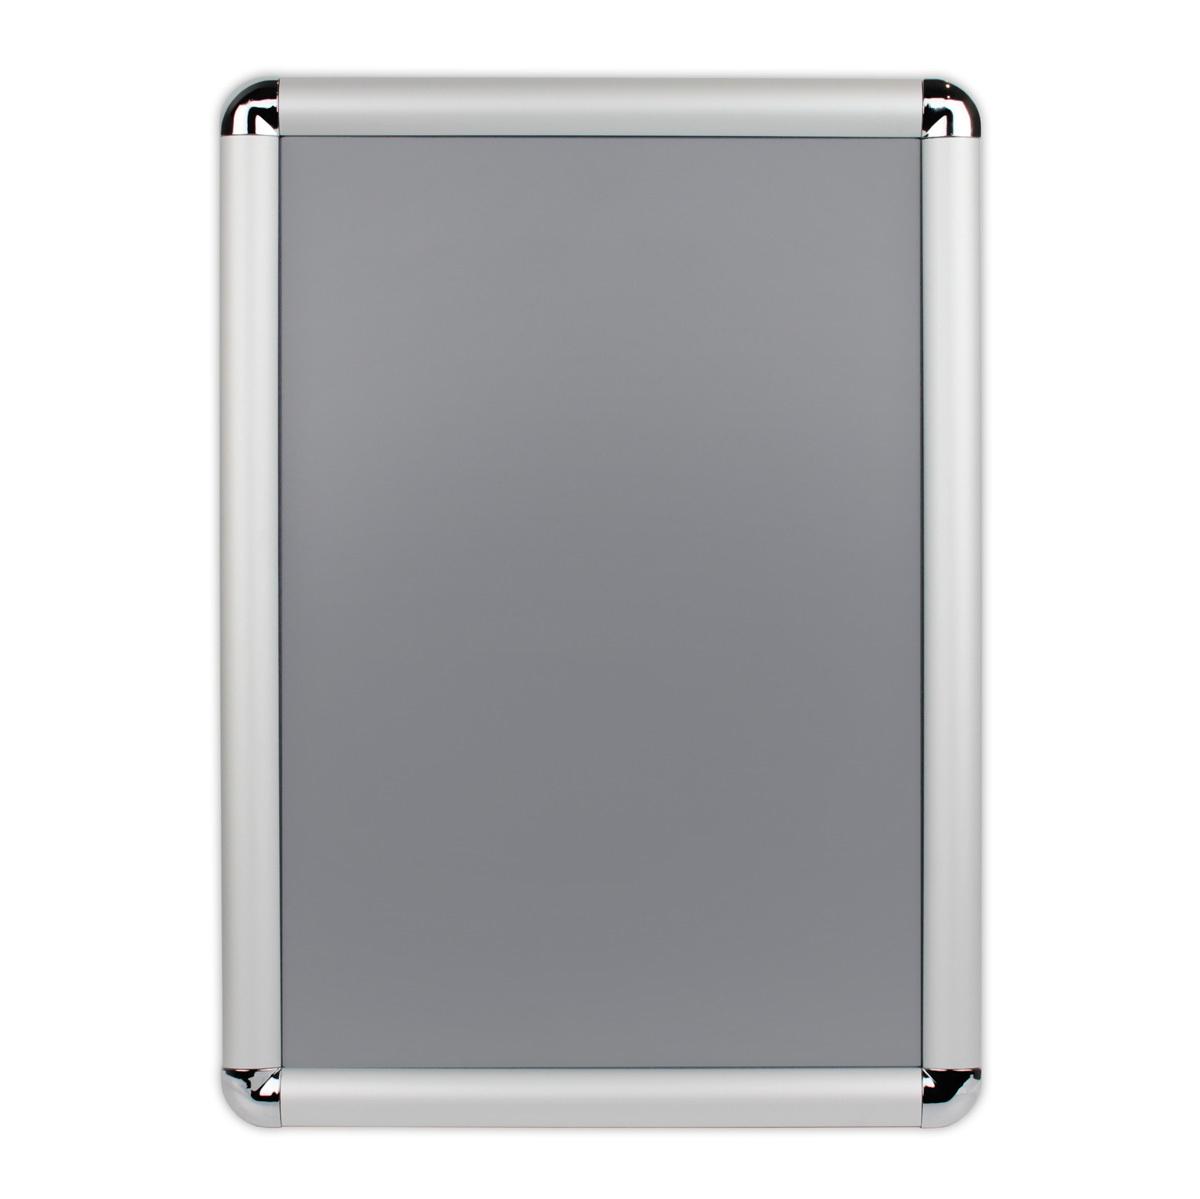 Ramka OWZ A3 plakatowa zatrzaskowa aluminiowa zaokrąglane narożniki